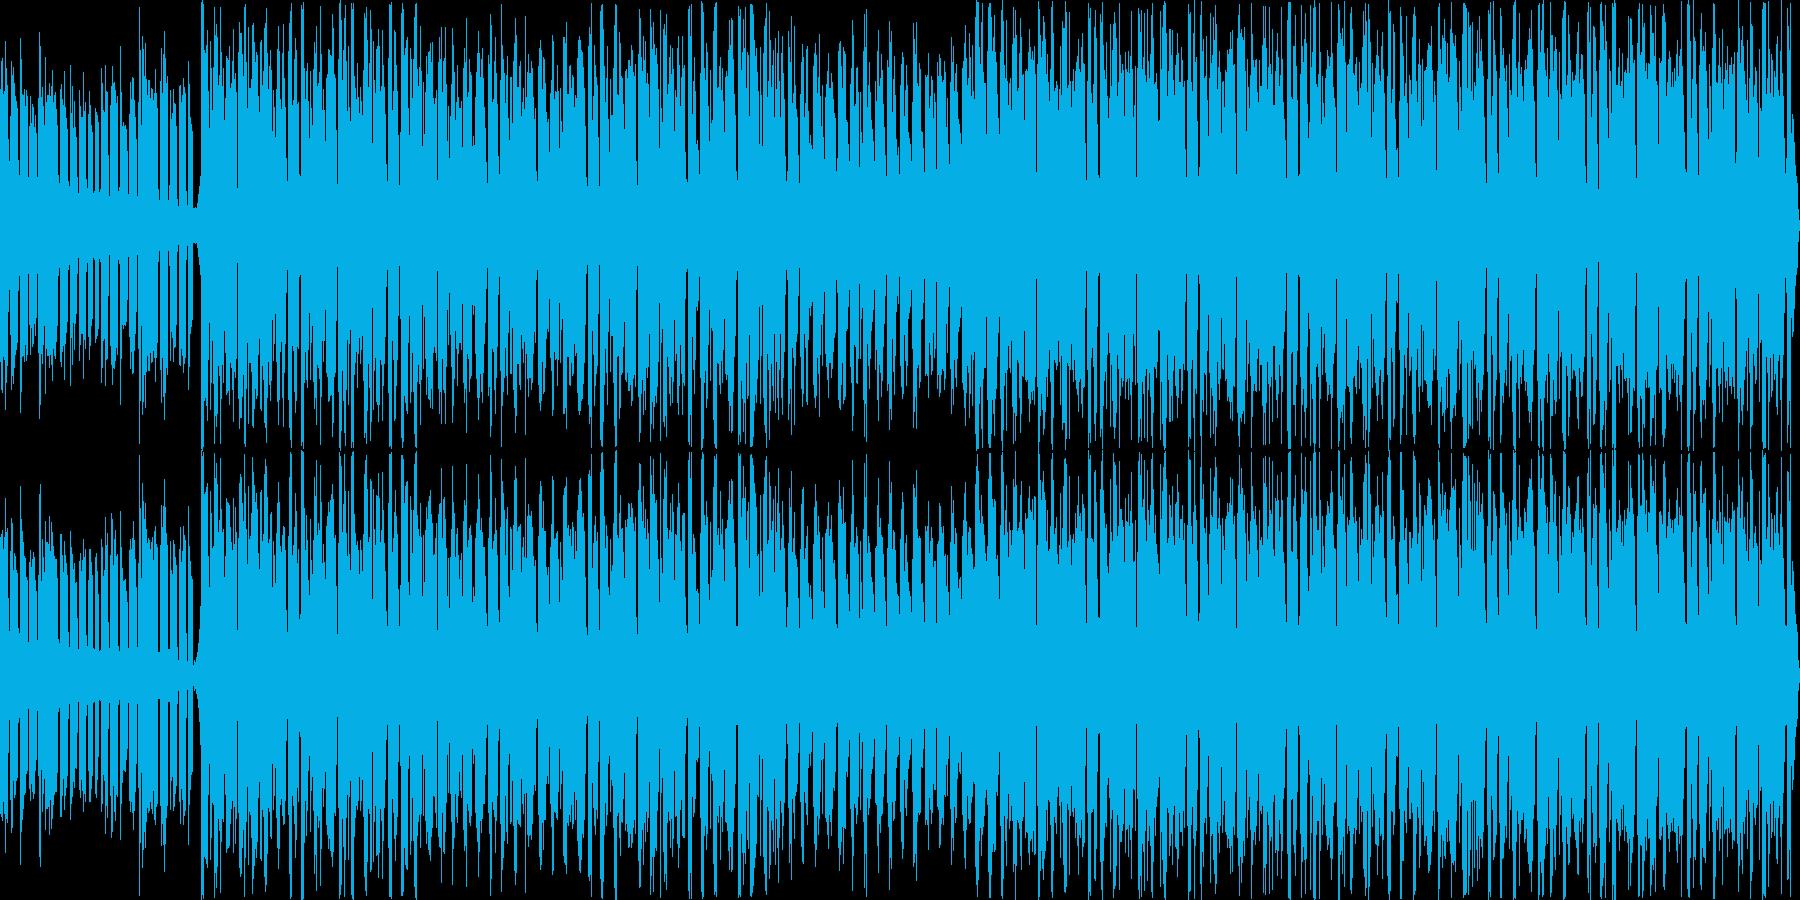 不良に絡まれてそうなシーンや緊張感ある…の再生済みの波形